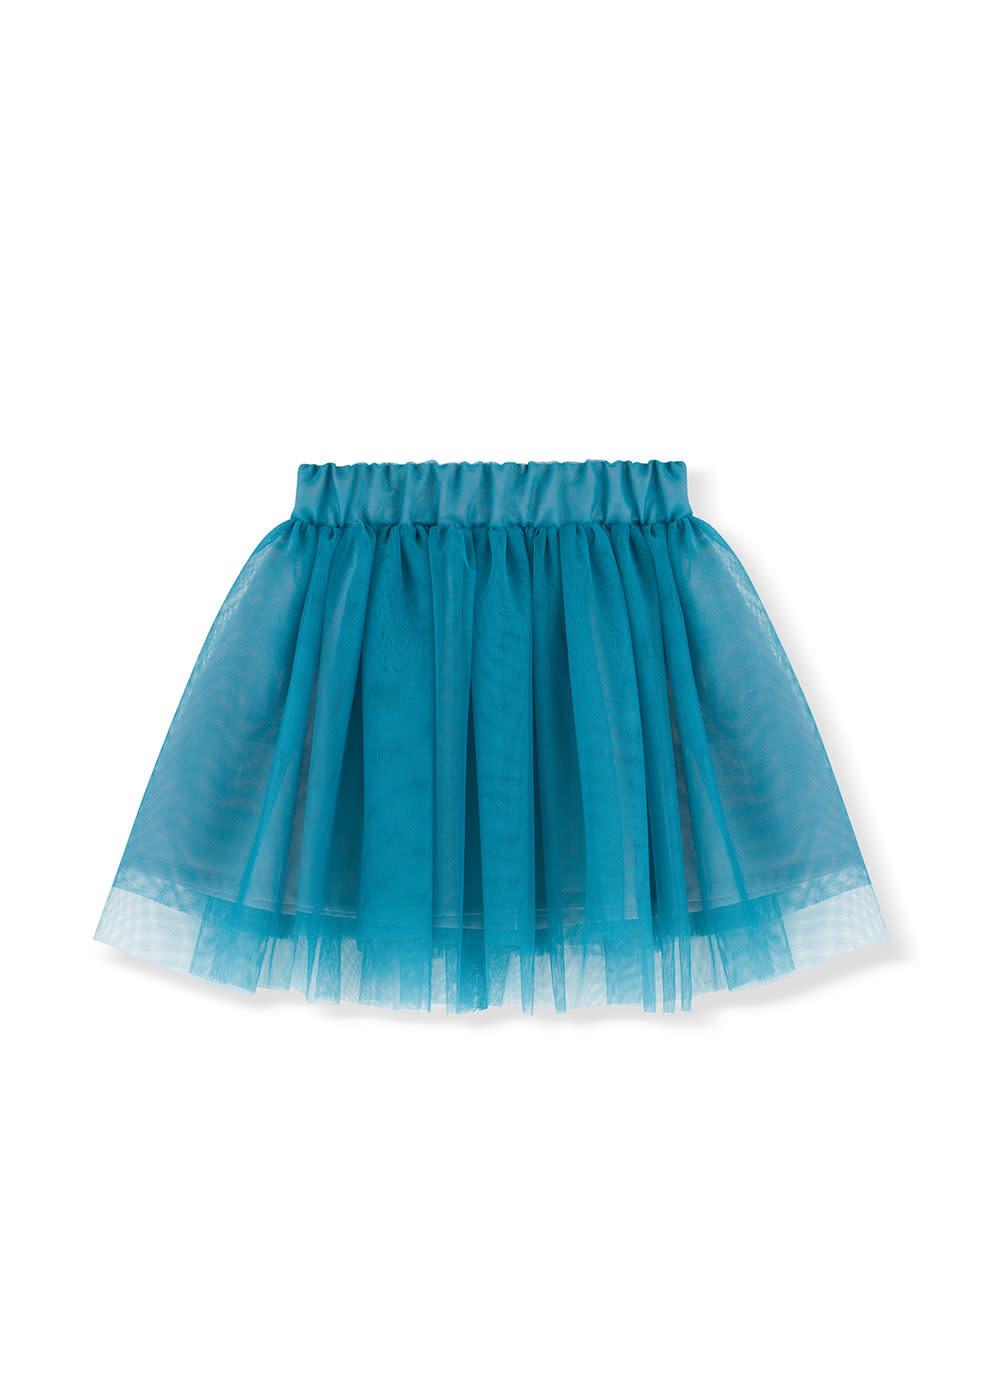 Kids on the moon Kids on the moon - Aquamarine tutu skirt